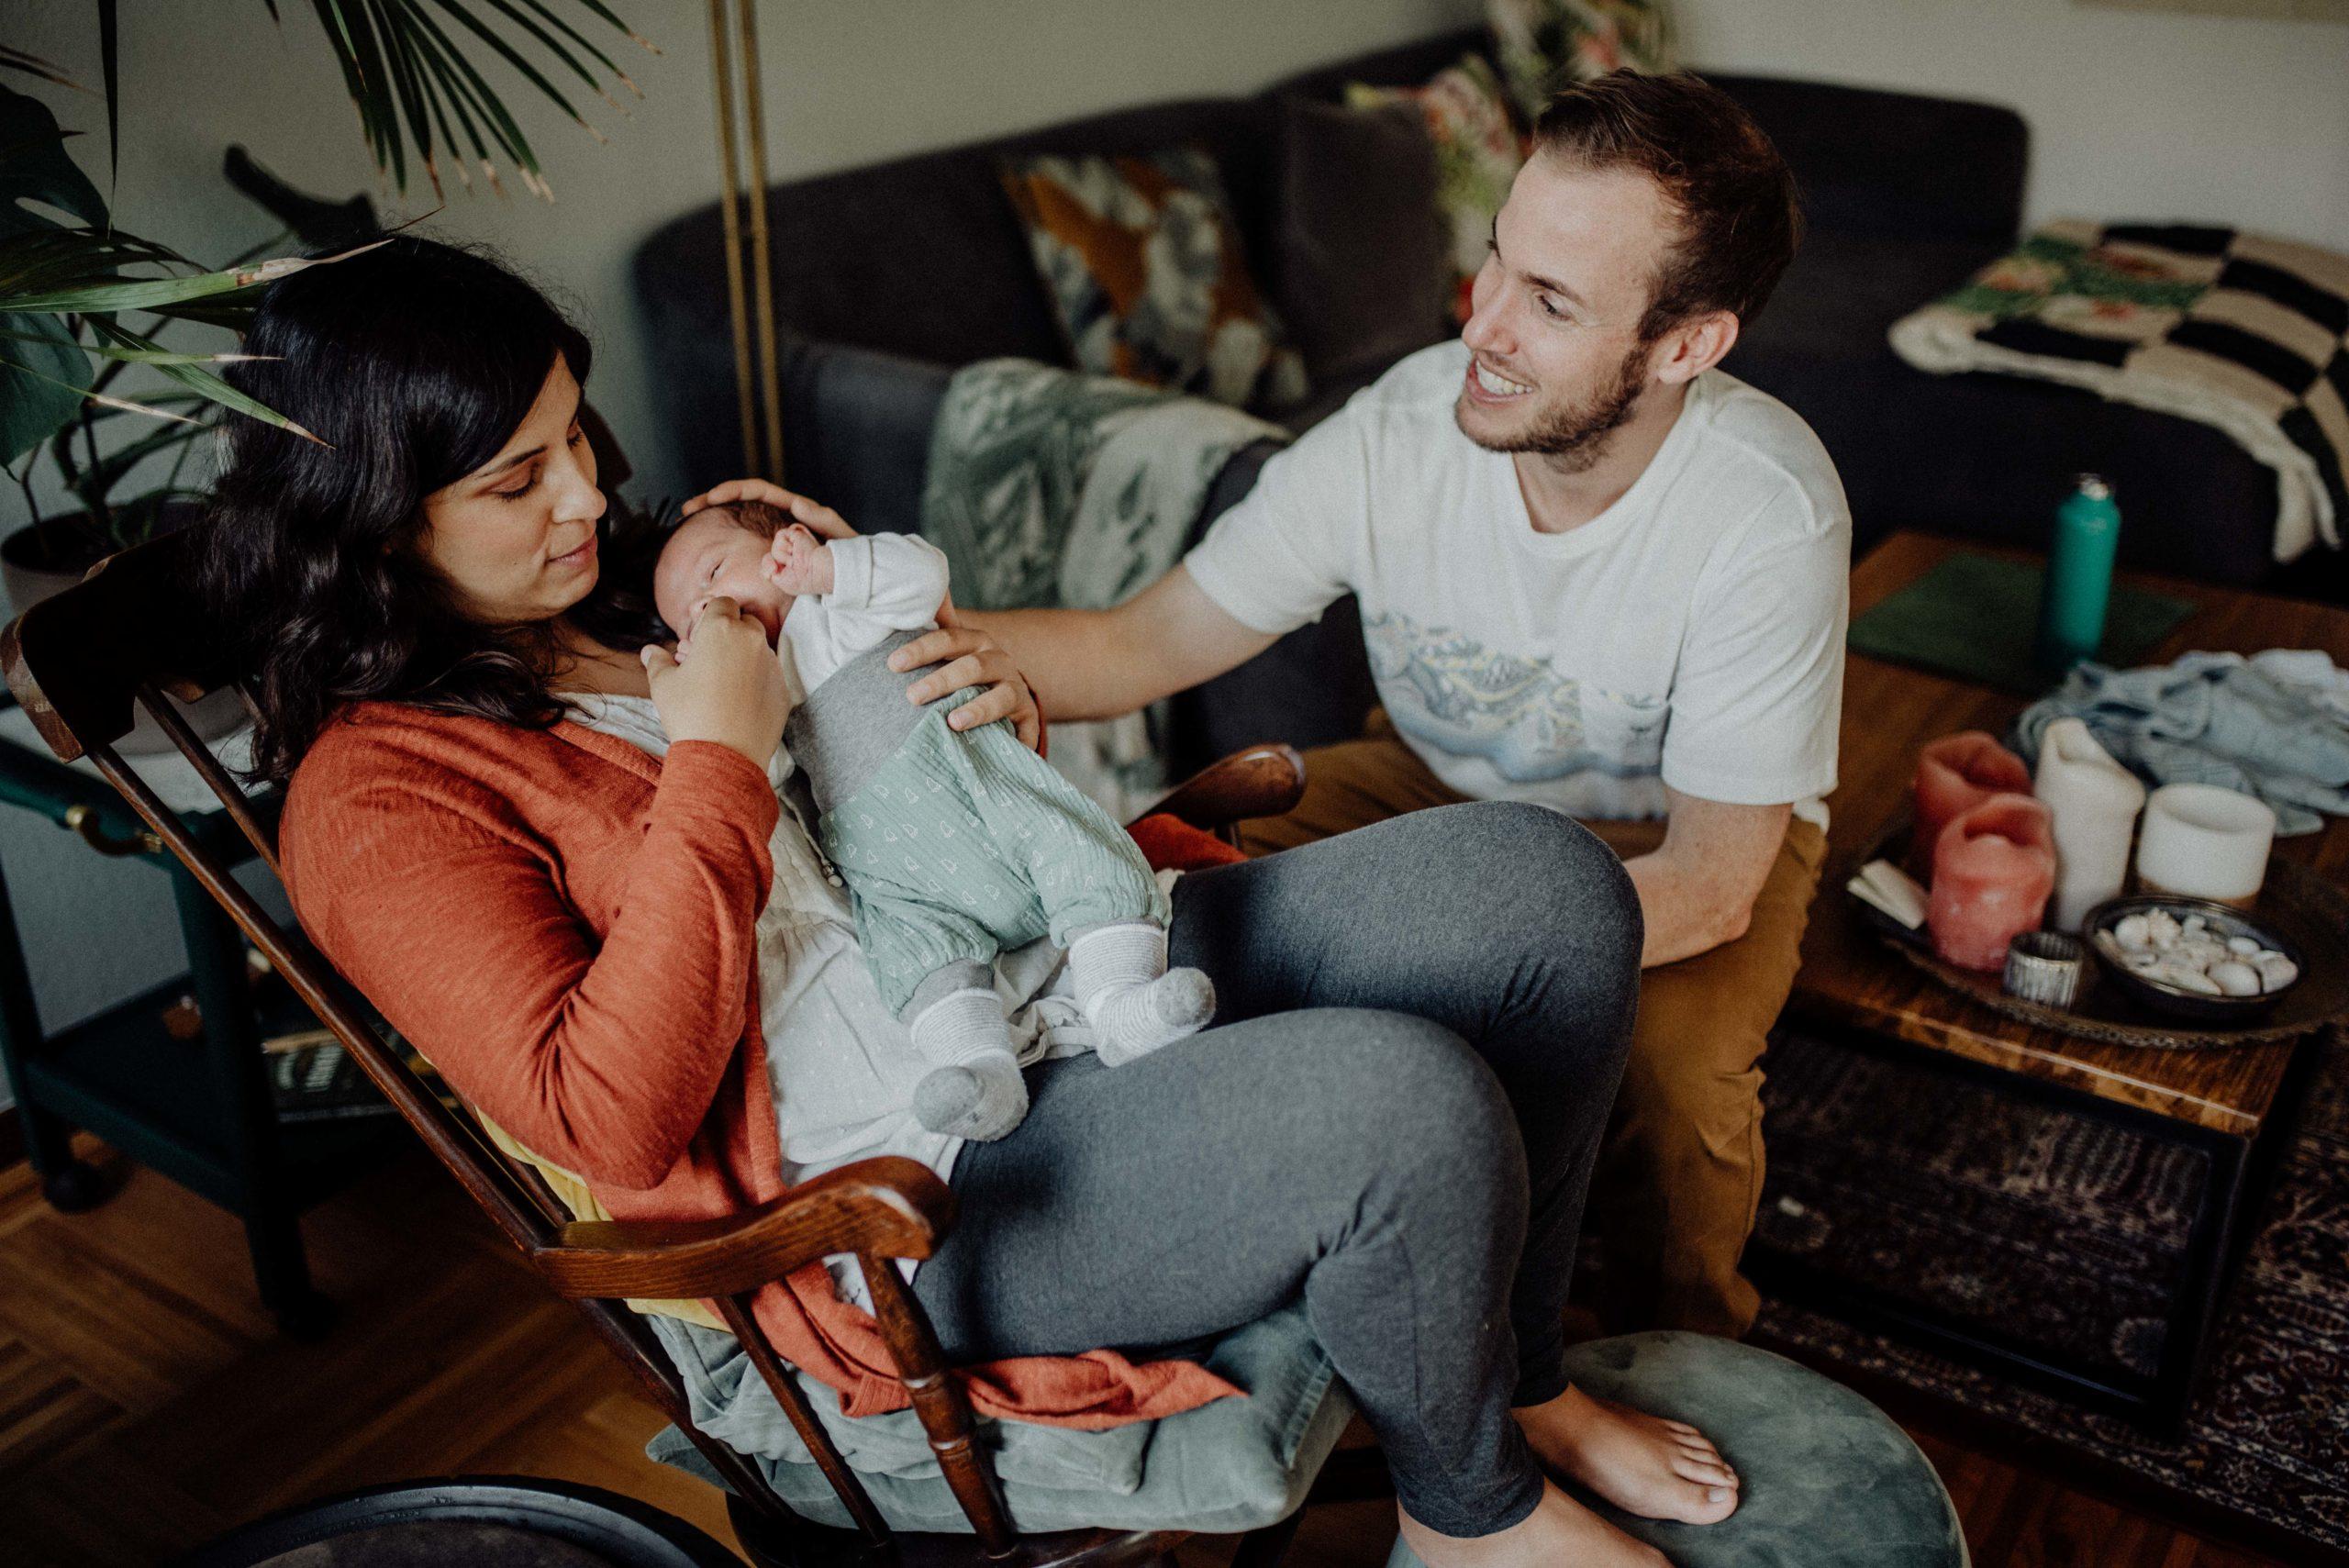 030-Witten-Homestory-Homesession-Newborn-Baby-Fotoshooting